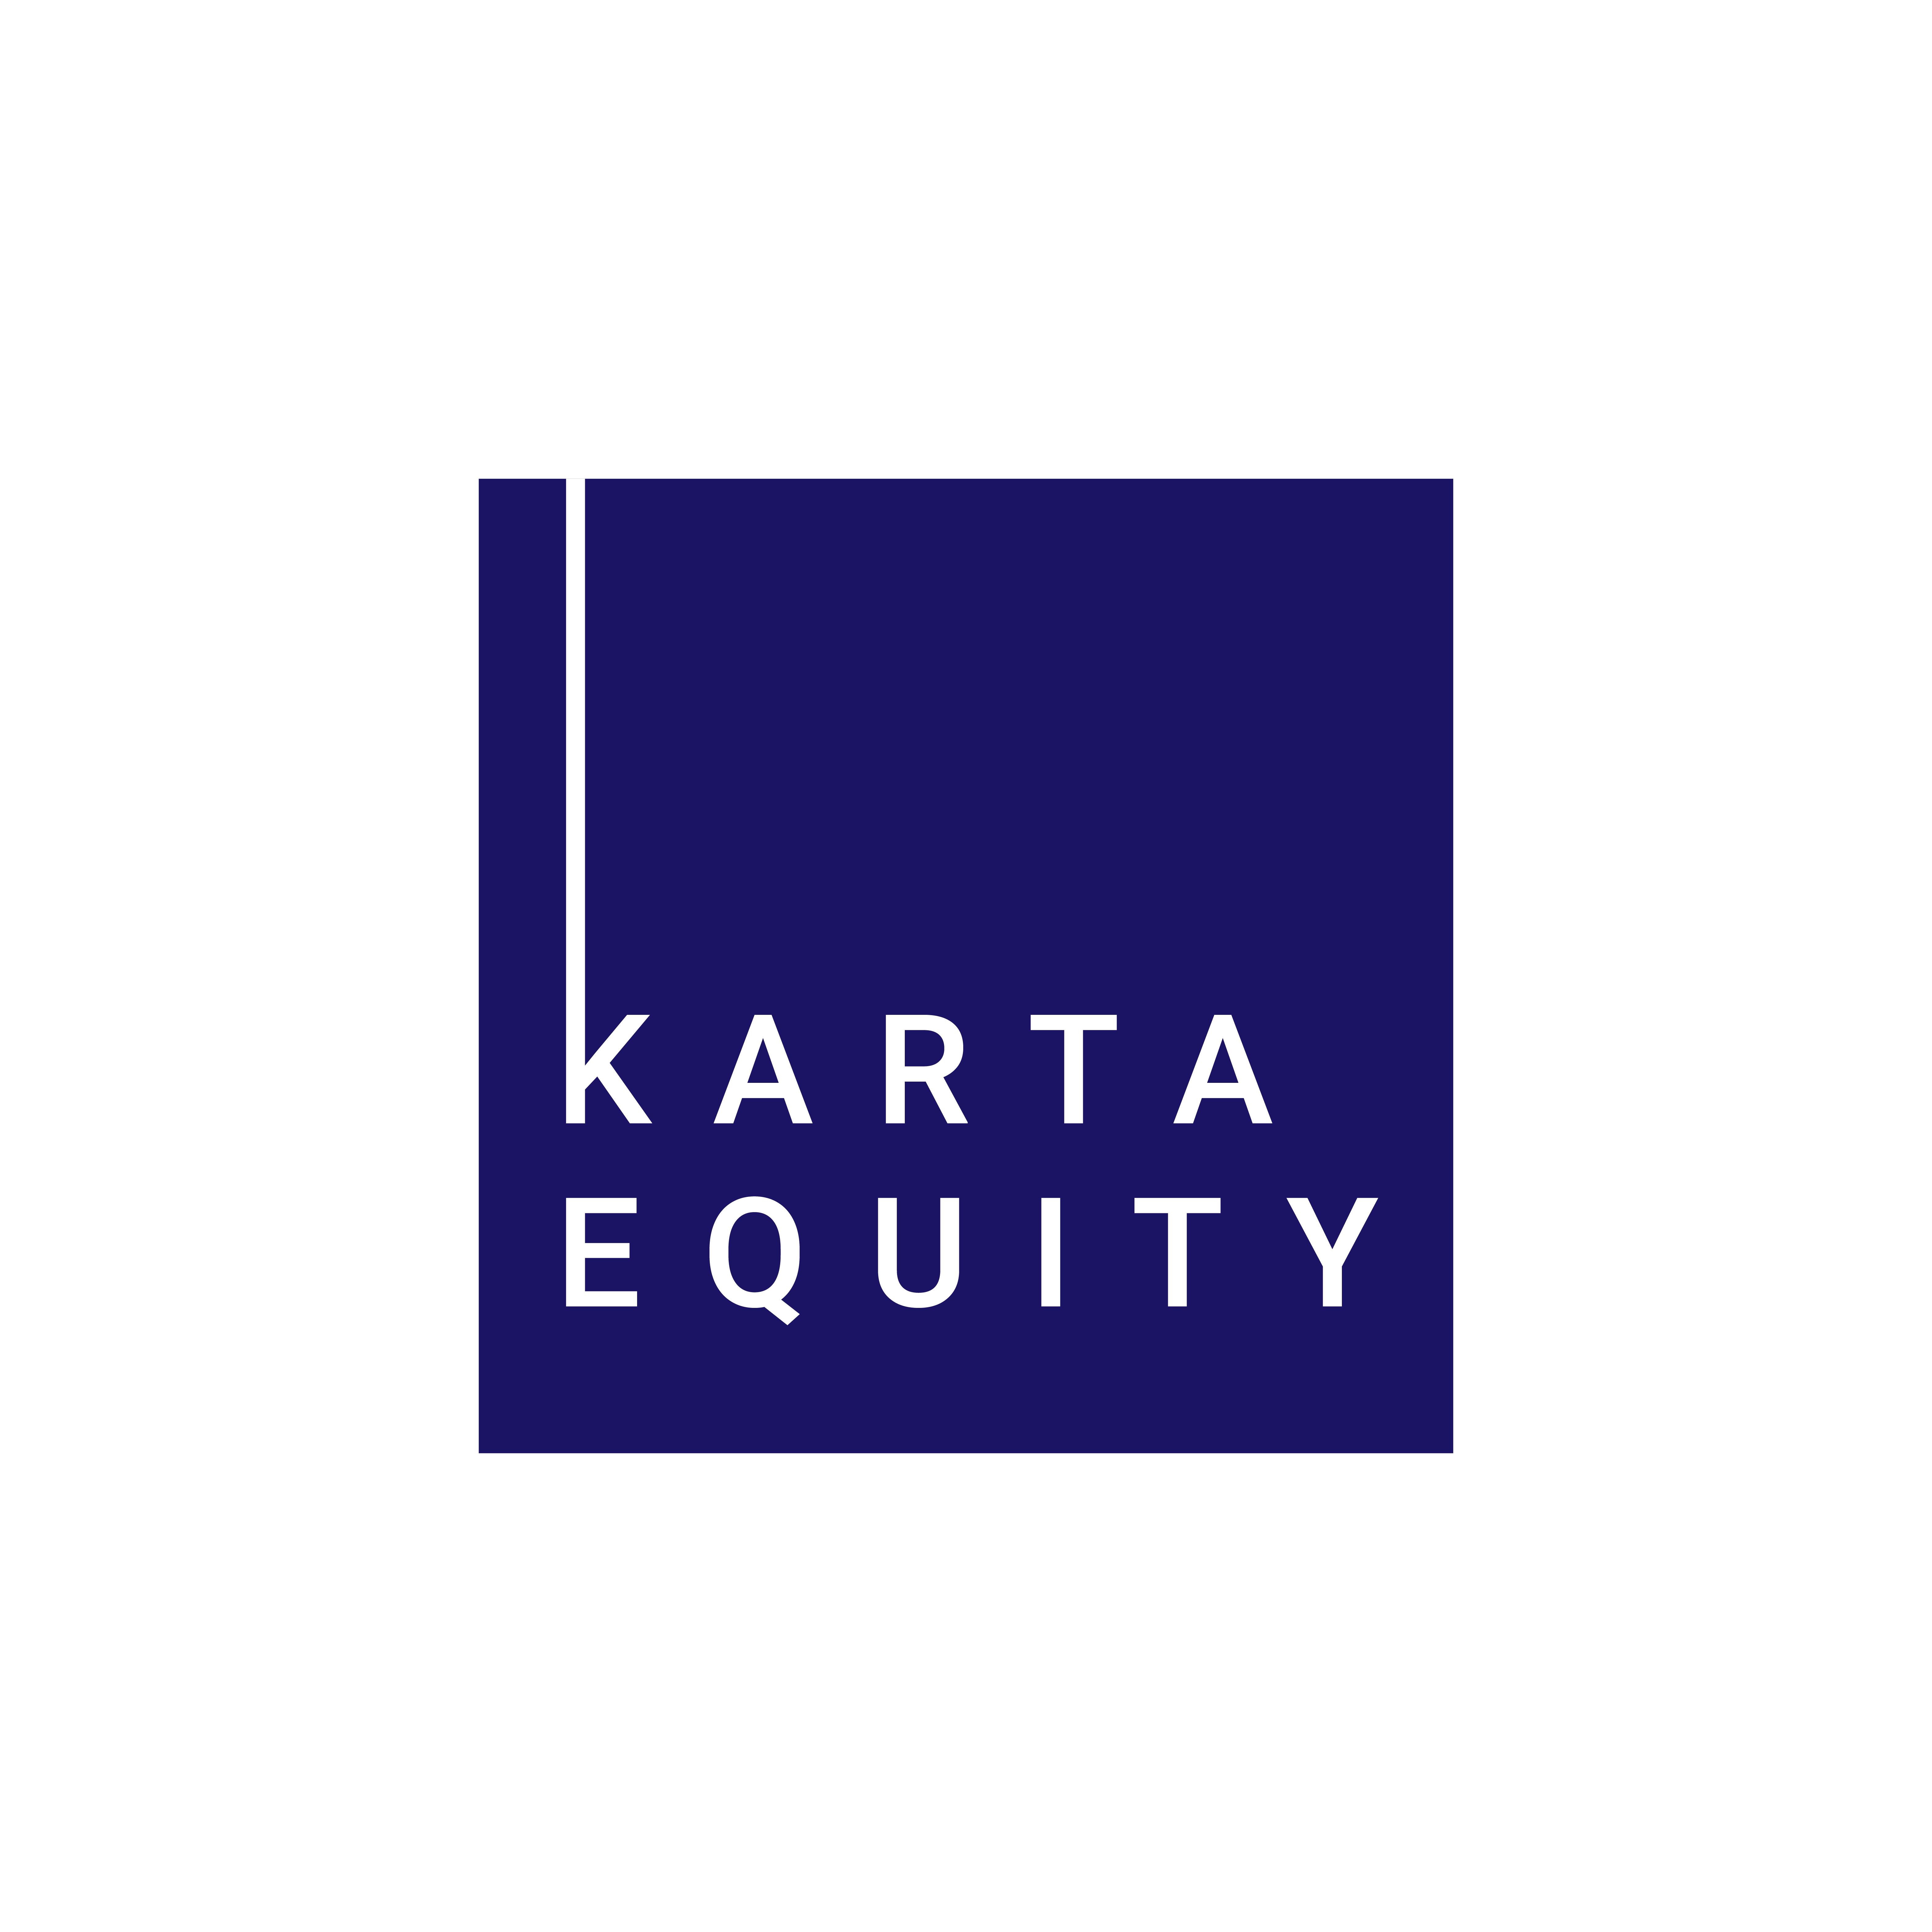 Логотип для компании инвестироваюшей в жилую недвижимость фото f_9625e168018c1d1e.jpg